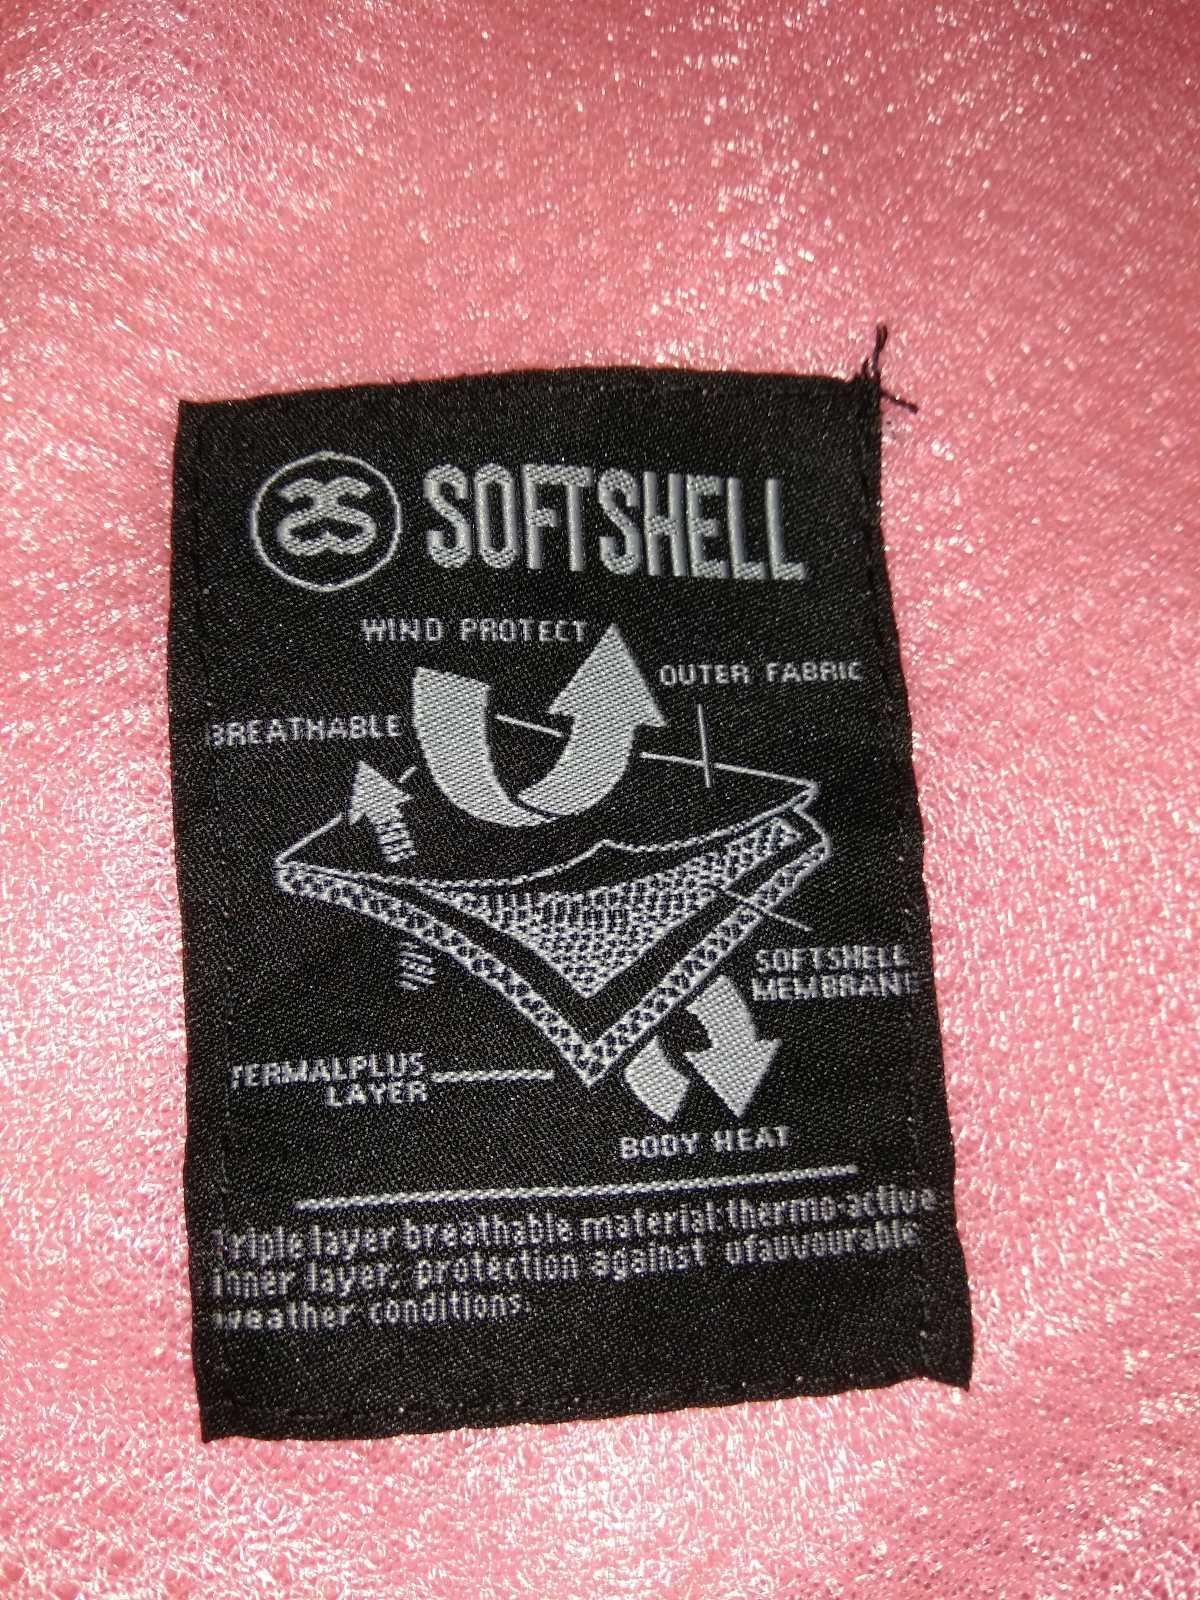 Softshell женская куртка. Размер S (42-44).